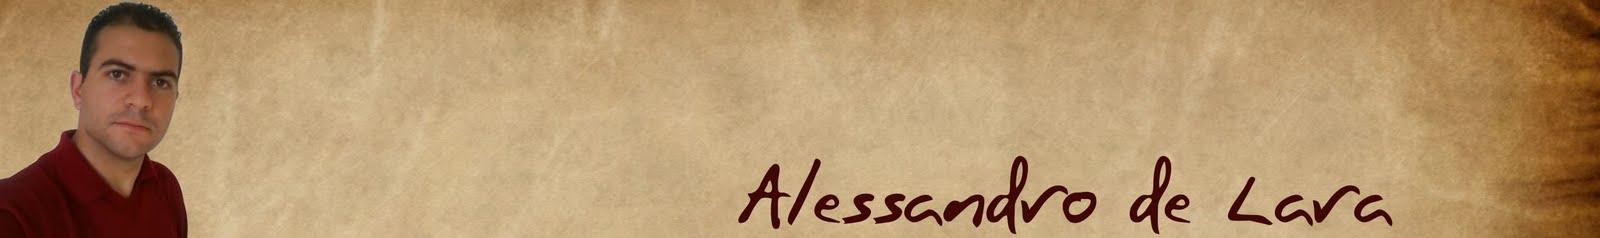 Blog do Ale